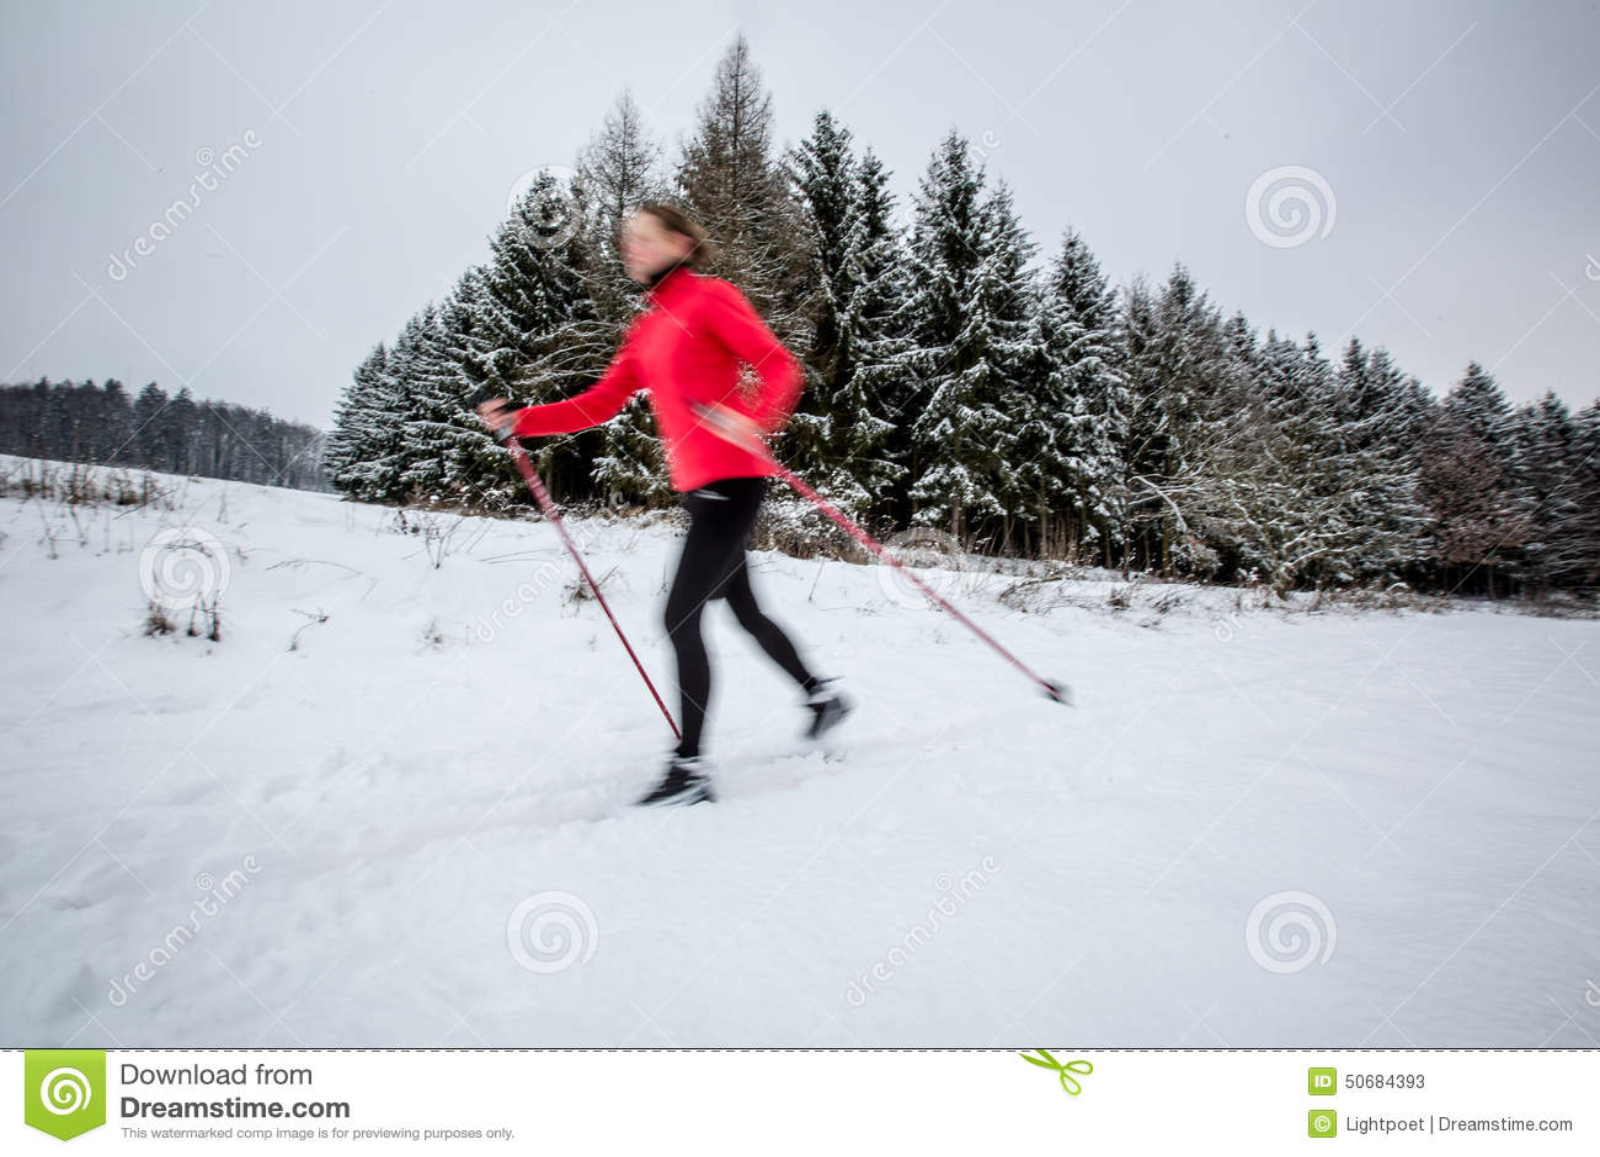 Download 速度滑雪:少妇速度滑雪 库存图片. 图片 包括有 蓝色, 蓝蓝, 执行, 乡下, 本质, 交叉, 国家(地区) - 50684393